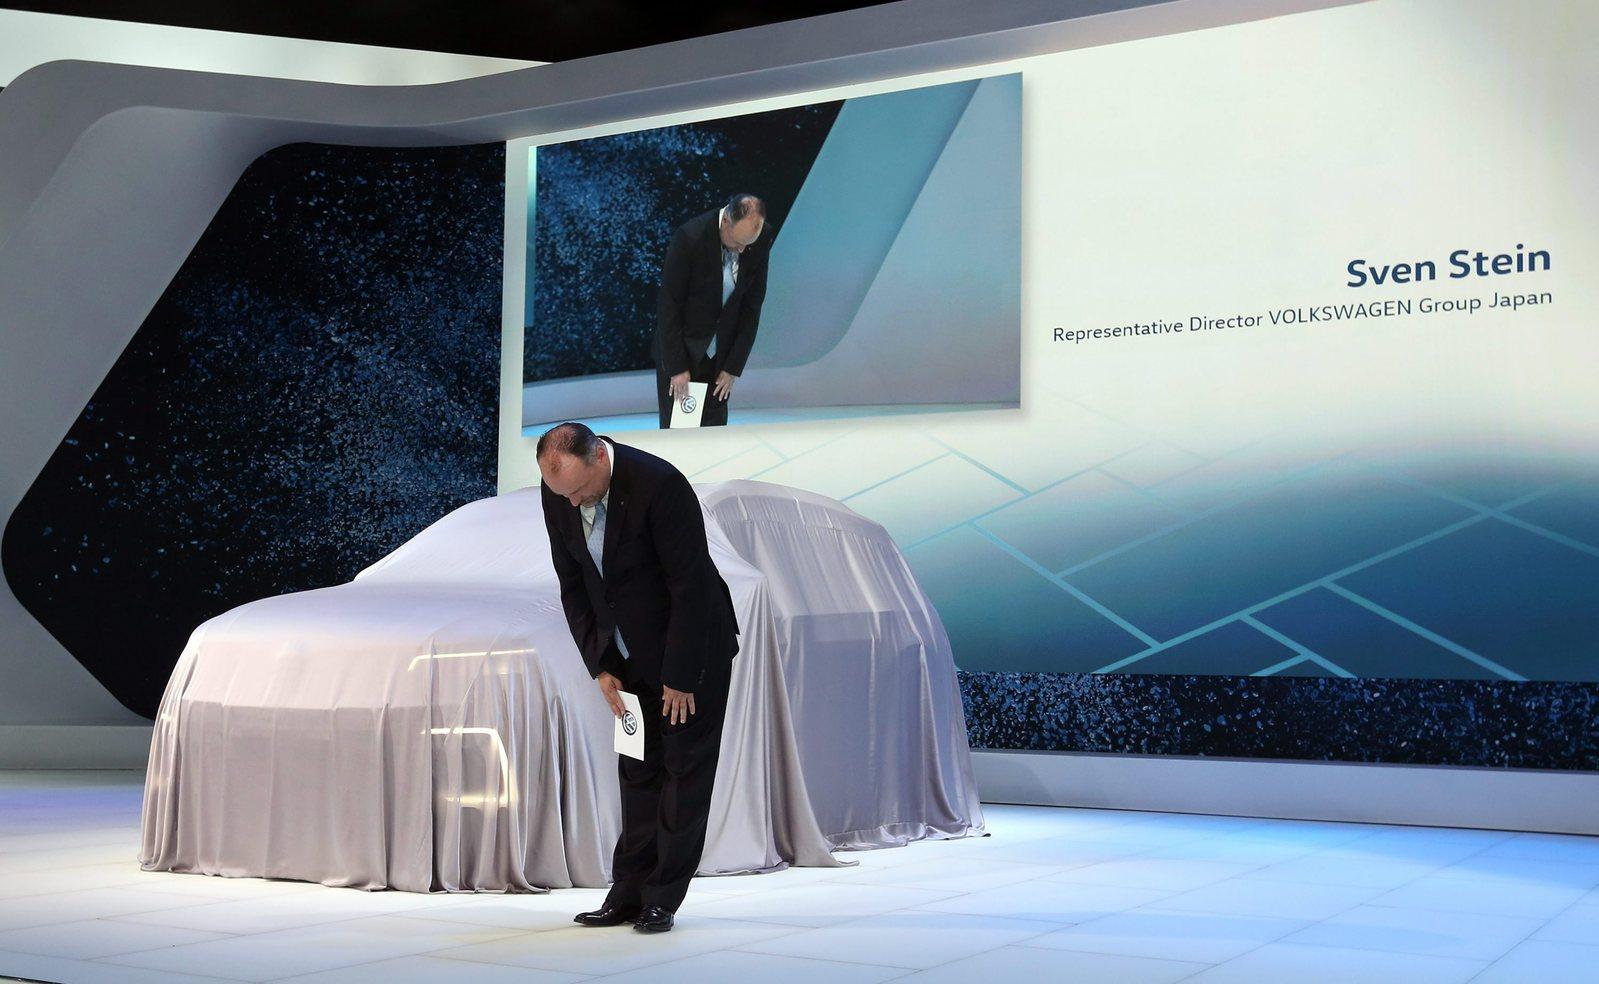 Sven Stein, a Volkswagen német járműgyártó csoport japán részlegének igazgatója és alelnöke meghajolva kér bocsánatot a vállalat károsanyag-kibocsátással kapcsolatos csalásai miatt a 44. Tokyo Motor Show első sajtónapján 2015. október 28-án. (MTI/AP/Eugene Hoshiko)